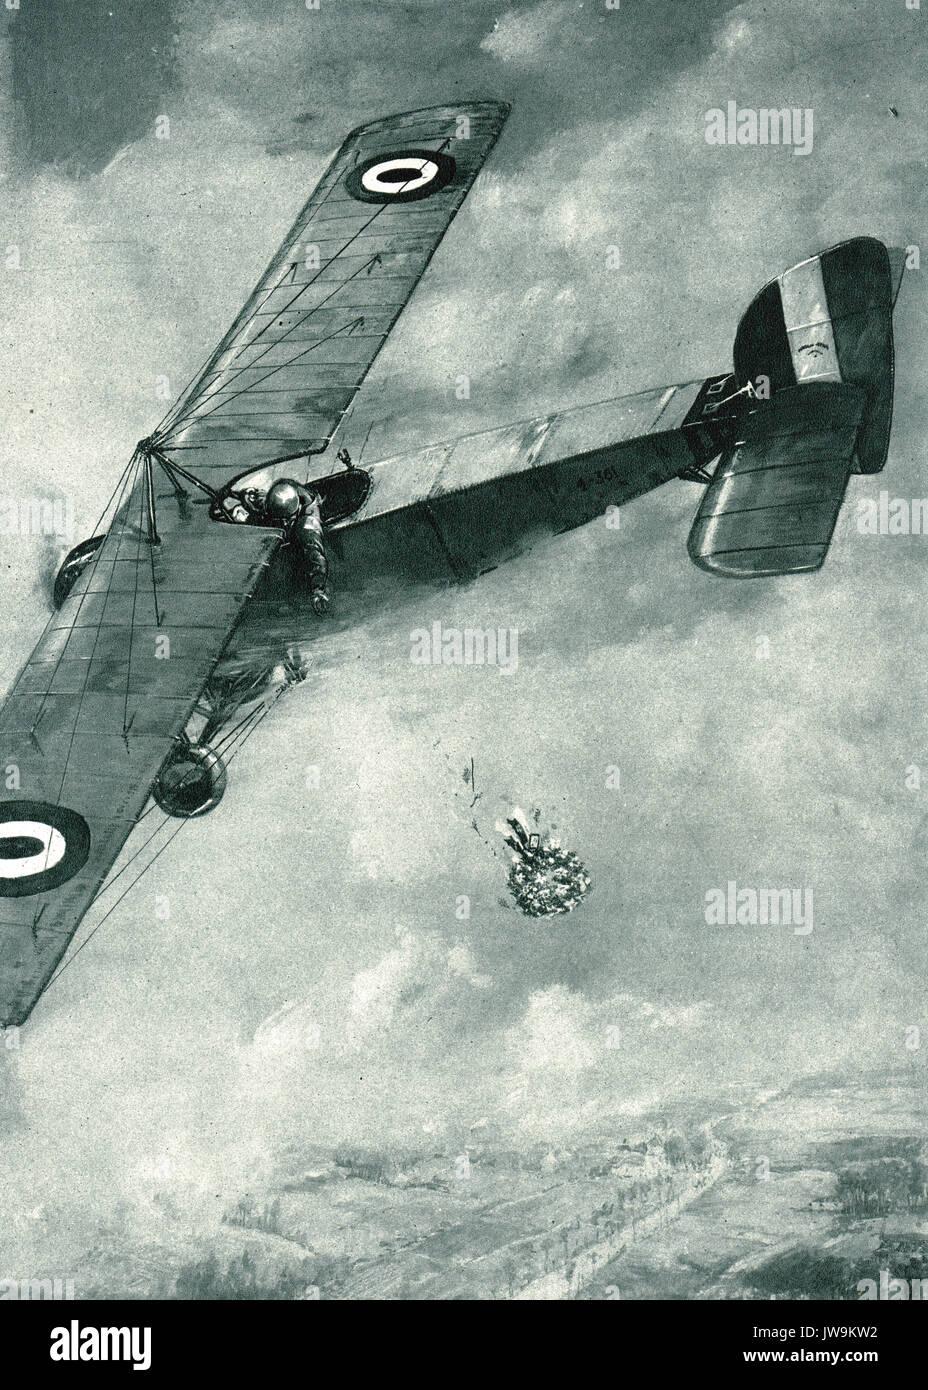 Suppression de pilotes une couronne sur la tombe d'un camarade, enterré dans les lignes allemandes. WW1 Photo Stock